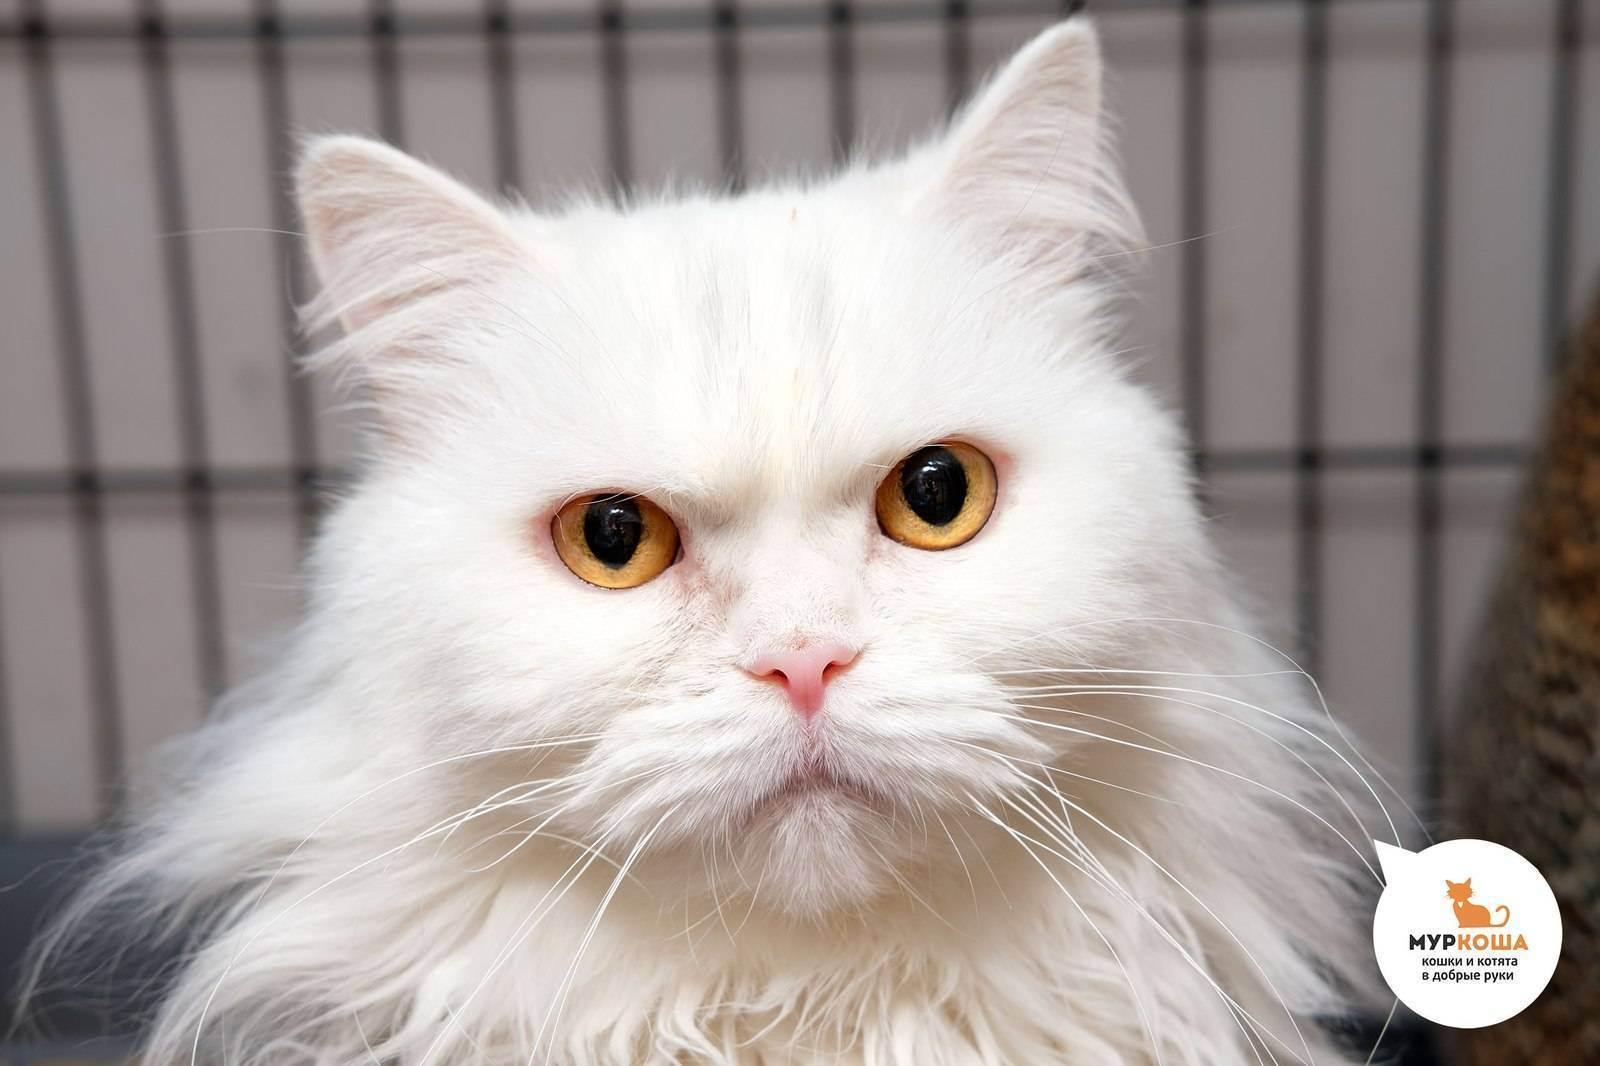 Хочу взять котенка